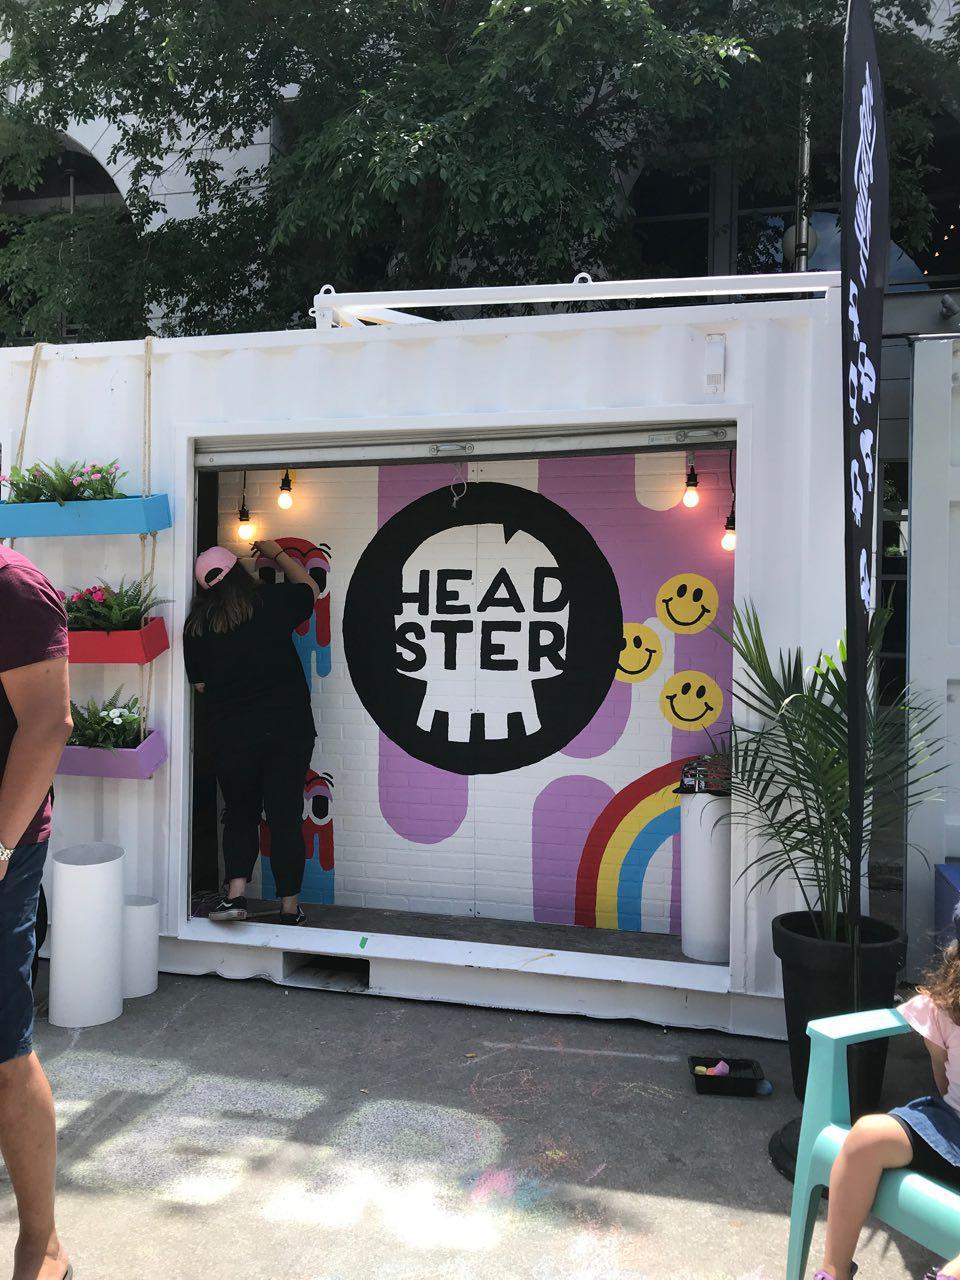 Headster_festival mural